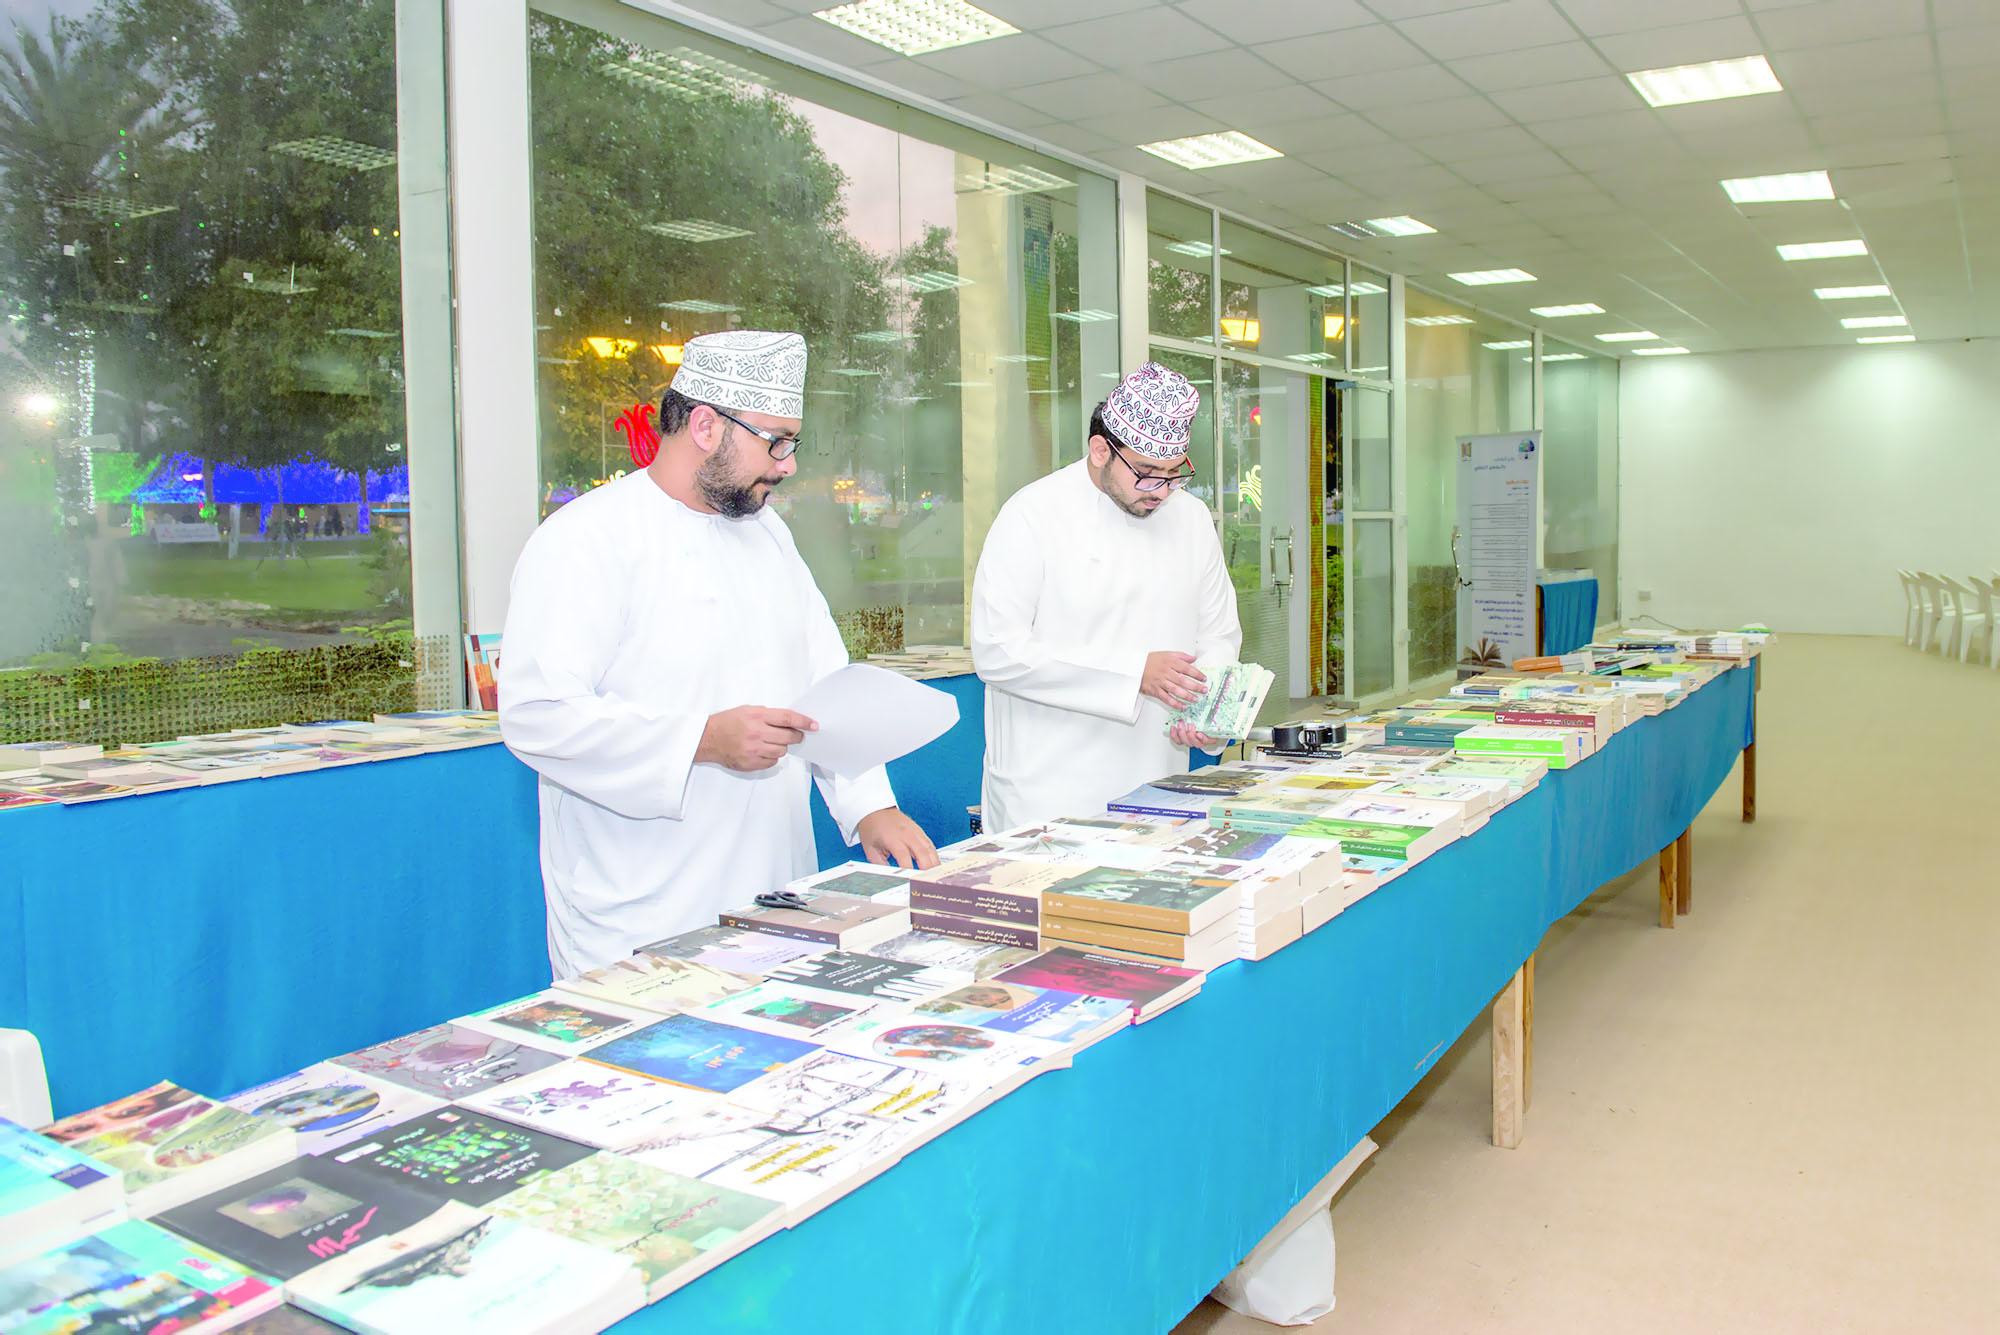 عبر منظومة متكاملة ومتخصصة ينفذها خلال أيام المهرجان«بيت الغشام»يدعم الكتّاب والمفكرين الشباب